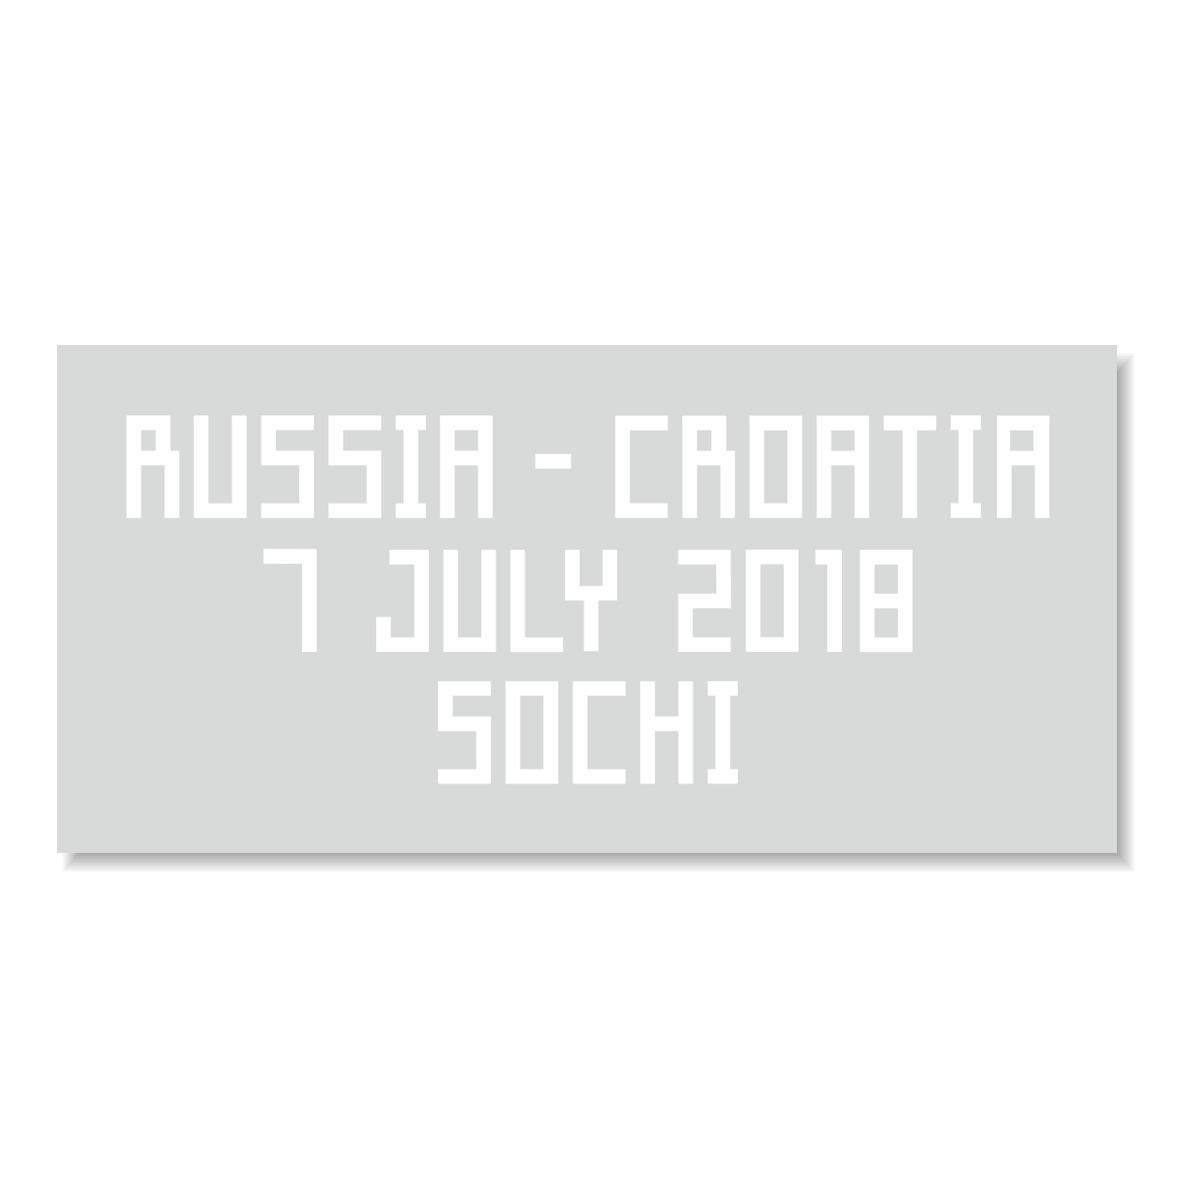 Coupe-du-monde-2018-LA-RUSSIE-RUSSIA-match-details-Print-Flock-World-Cup-18